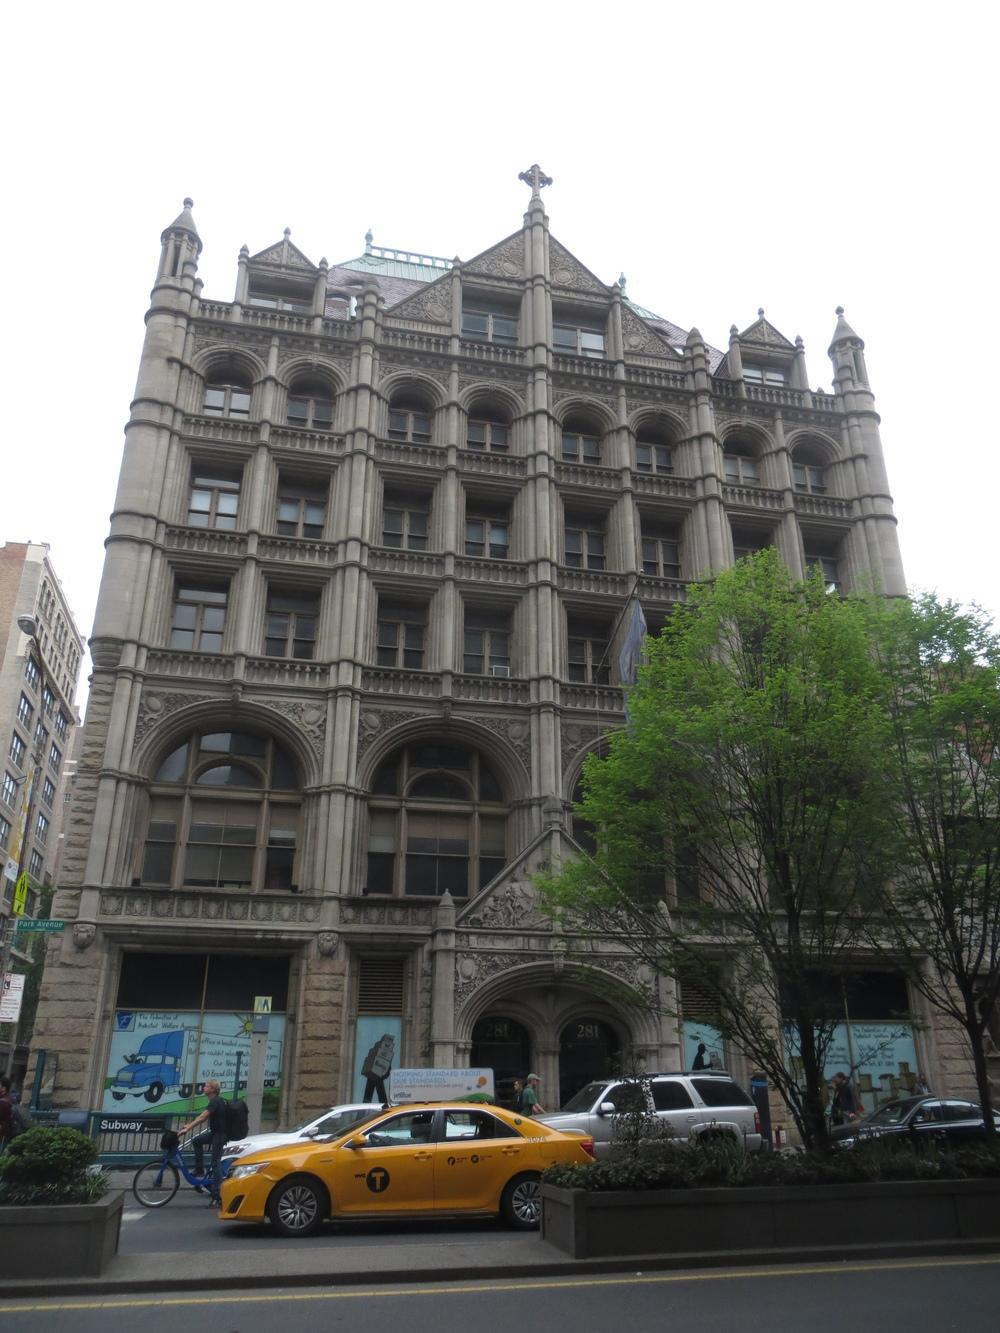 Cool facade